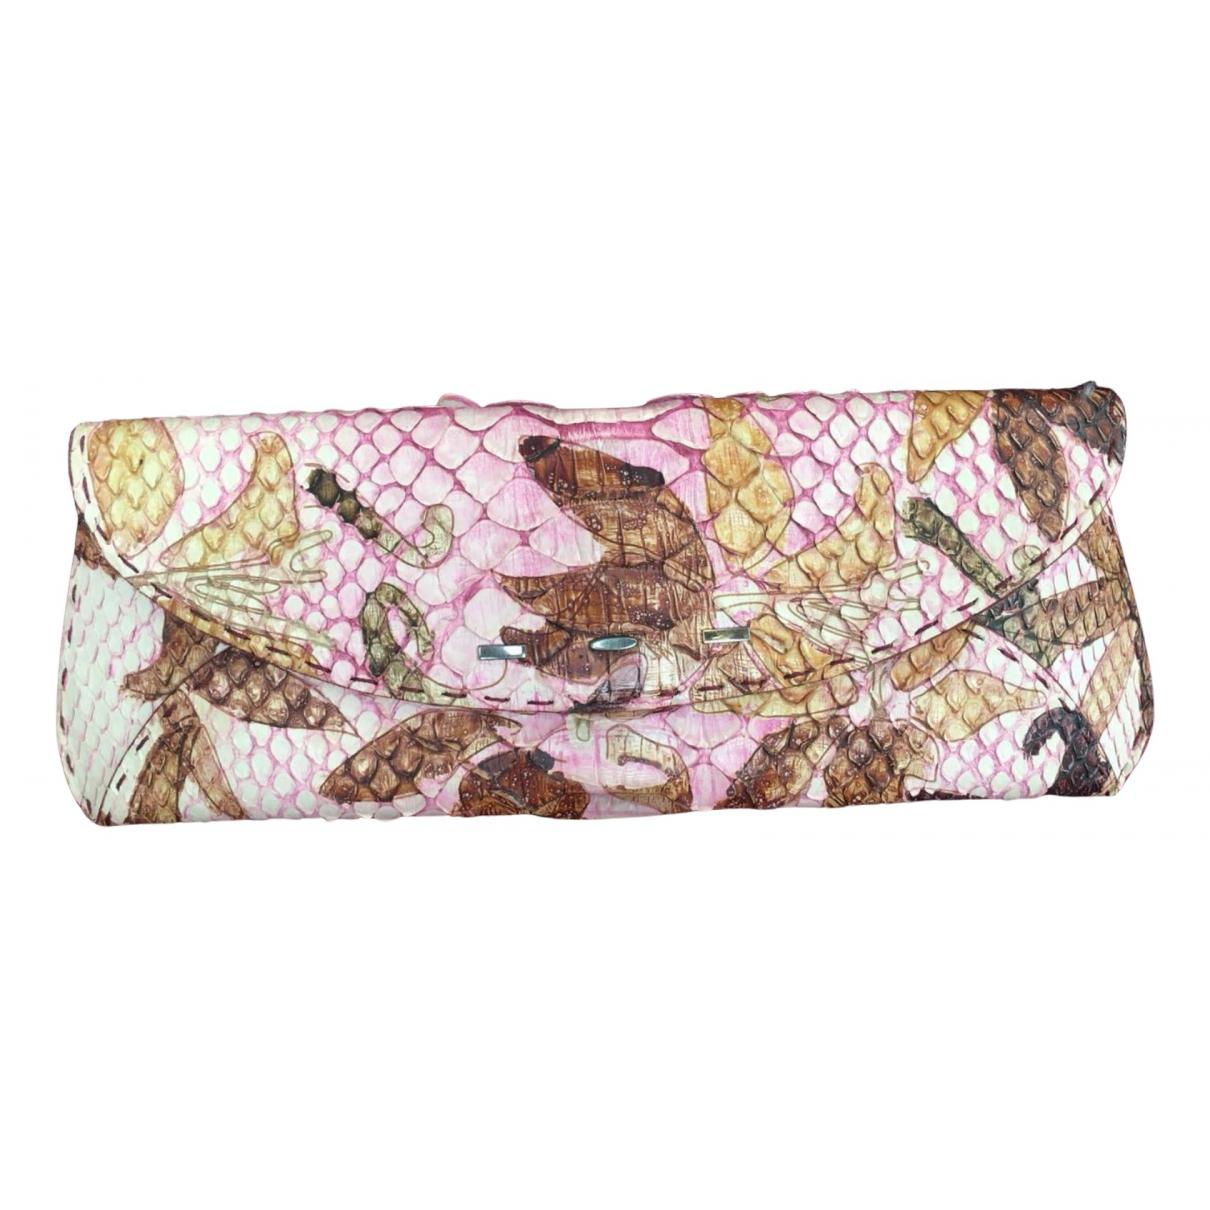 Vbh - Pochette   pour femme en python - rose